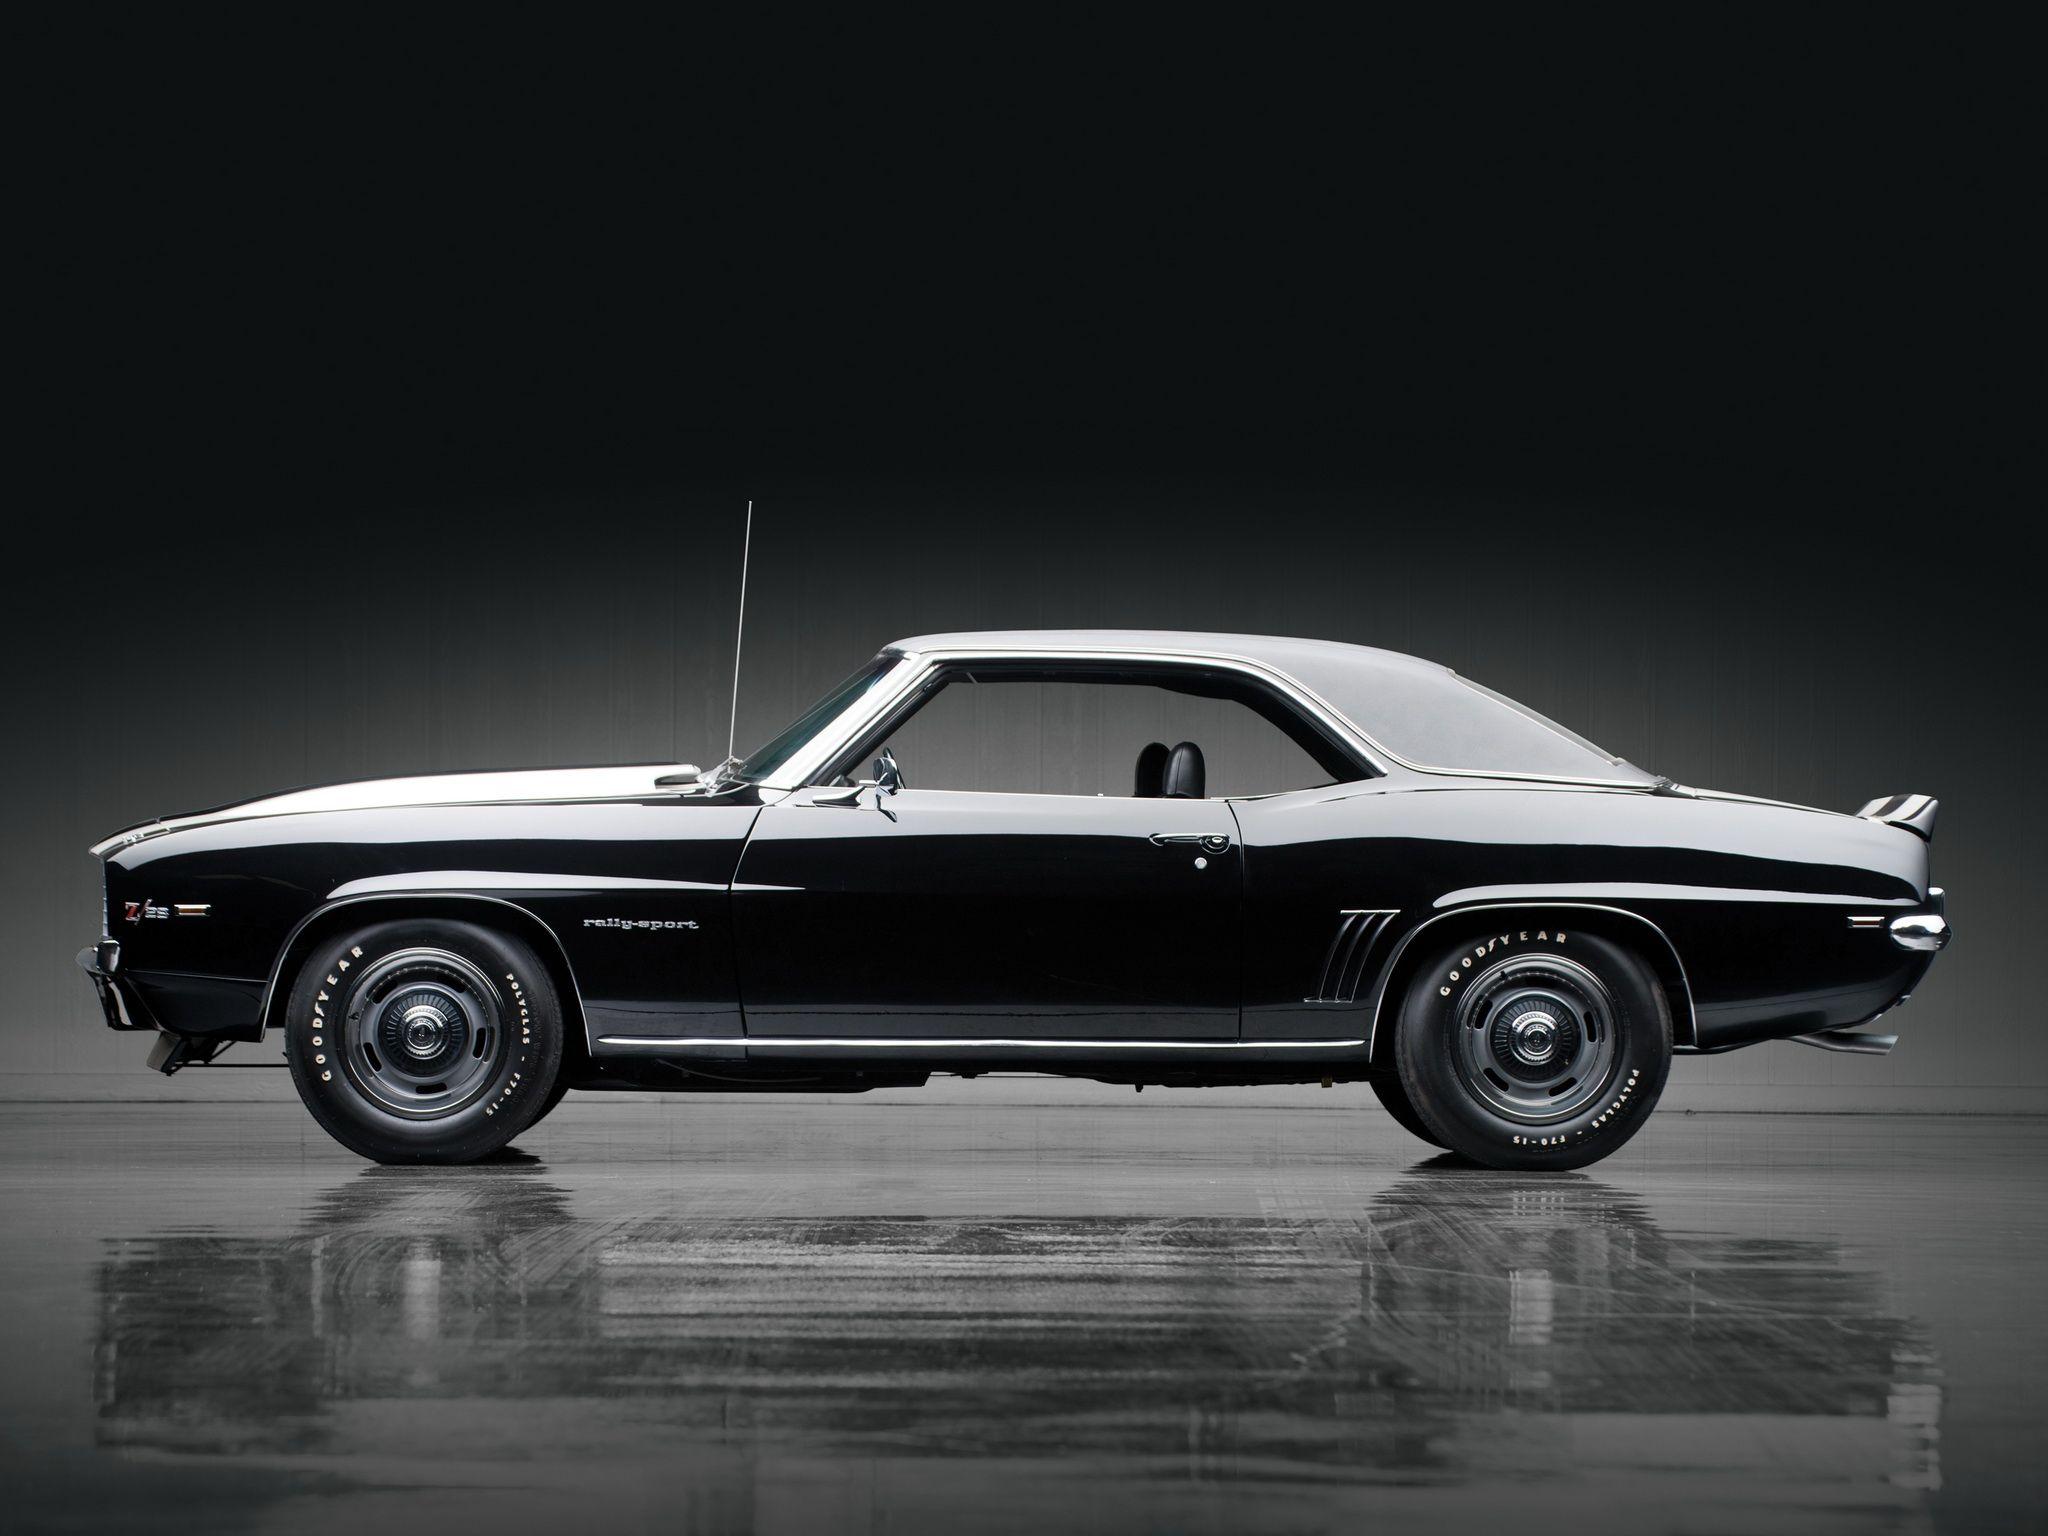 fine 1969 camaro cover in fhdq